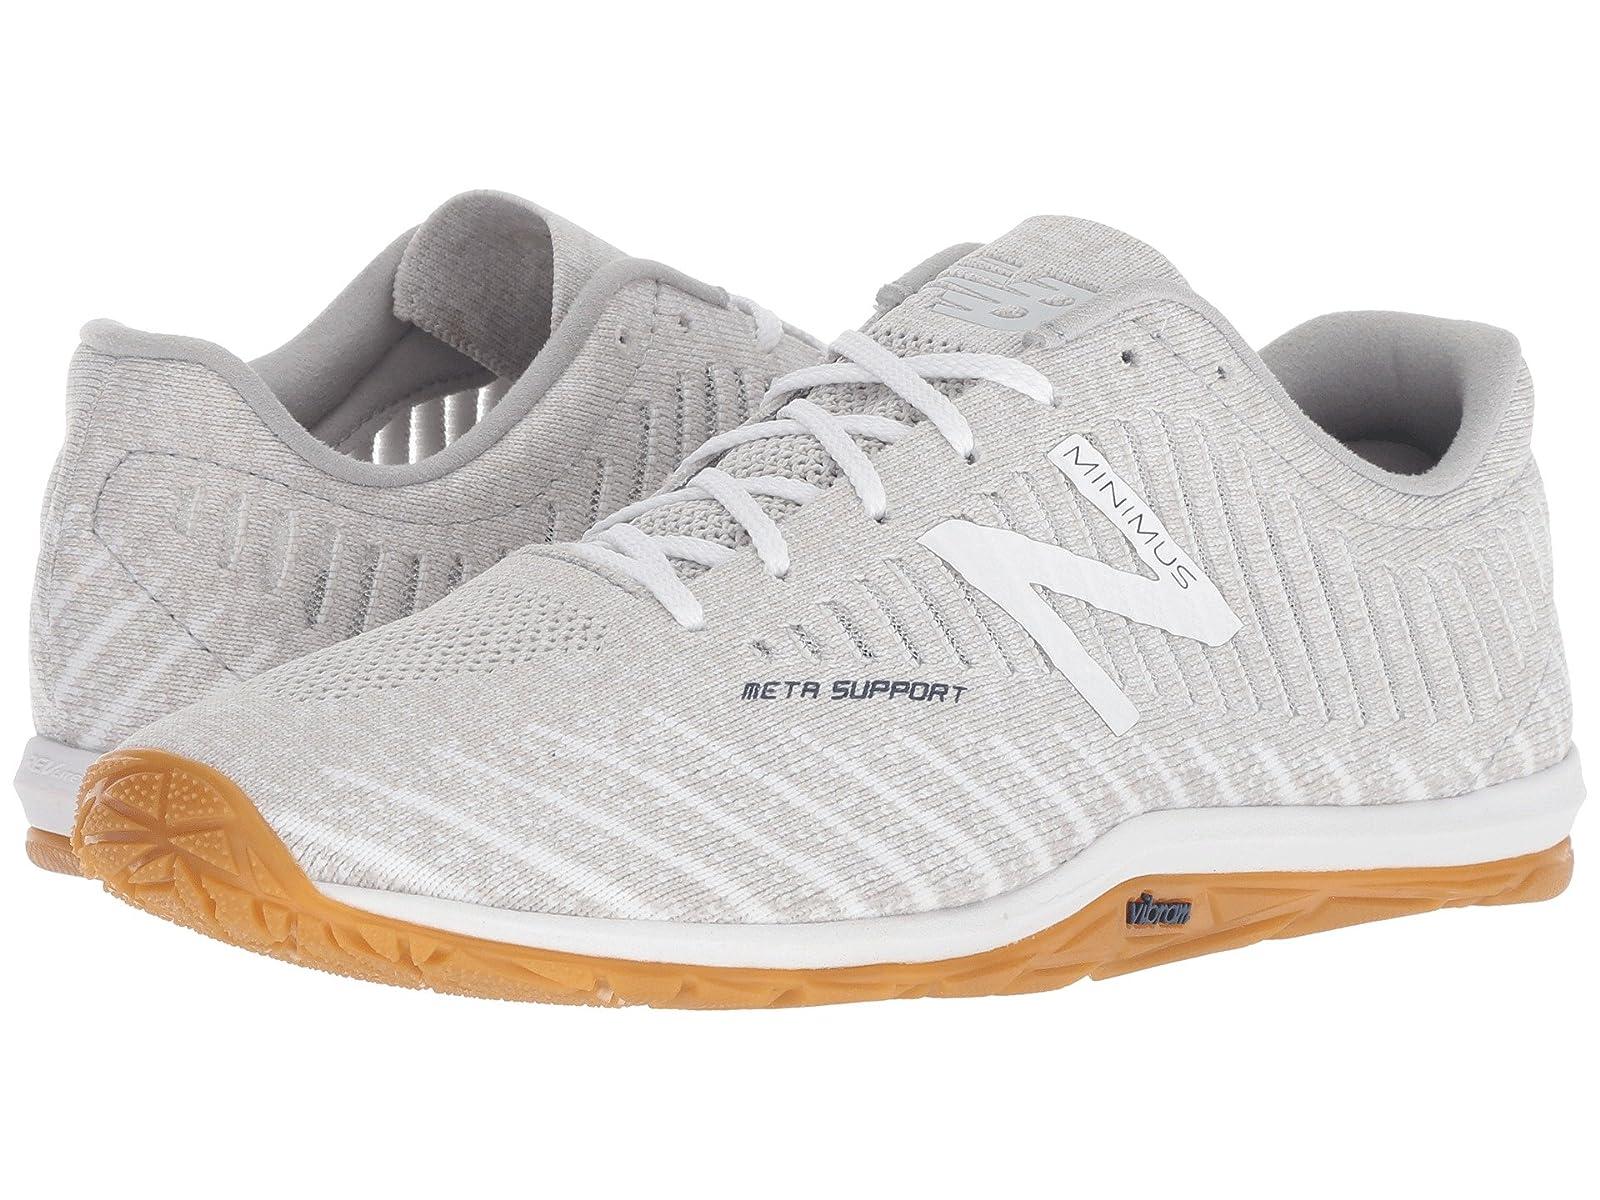 New Balance UX20v7 TrainingAtmospheric grades have affordable shoes